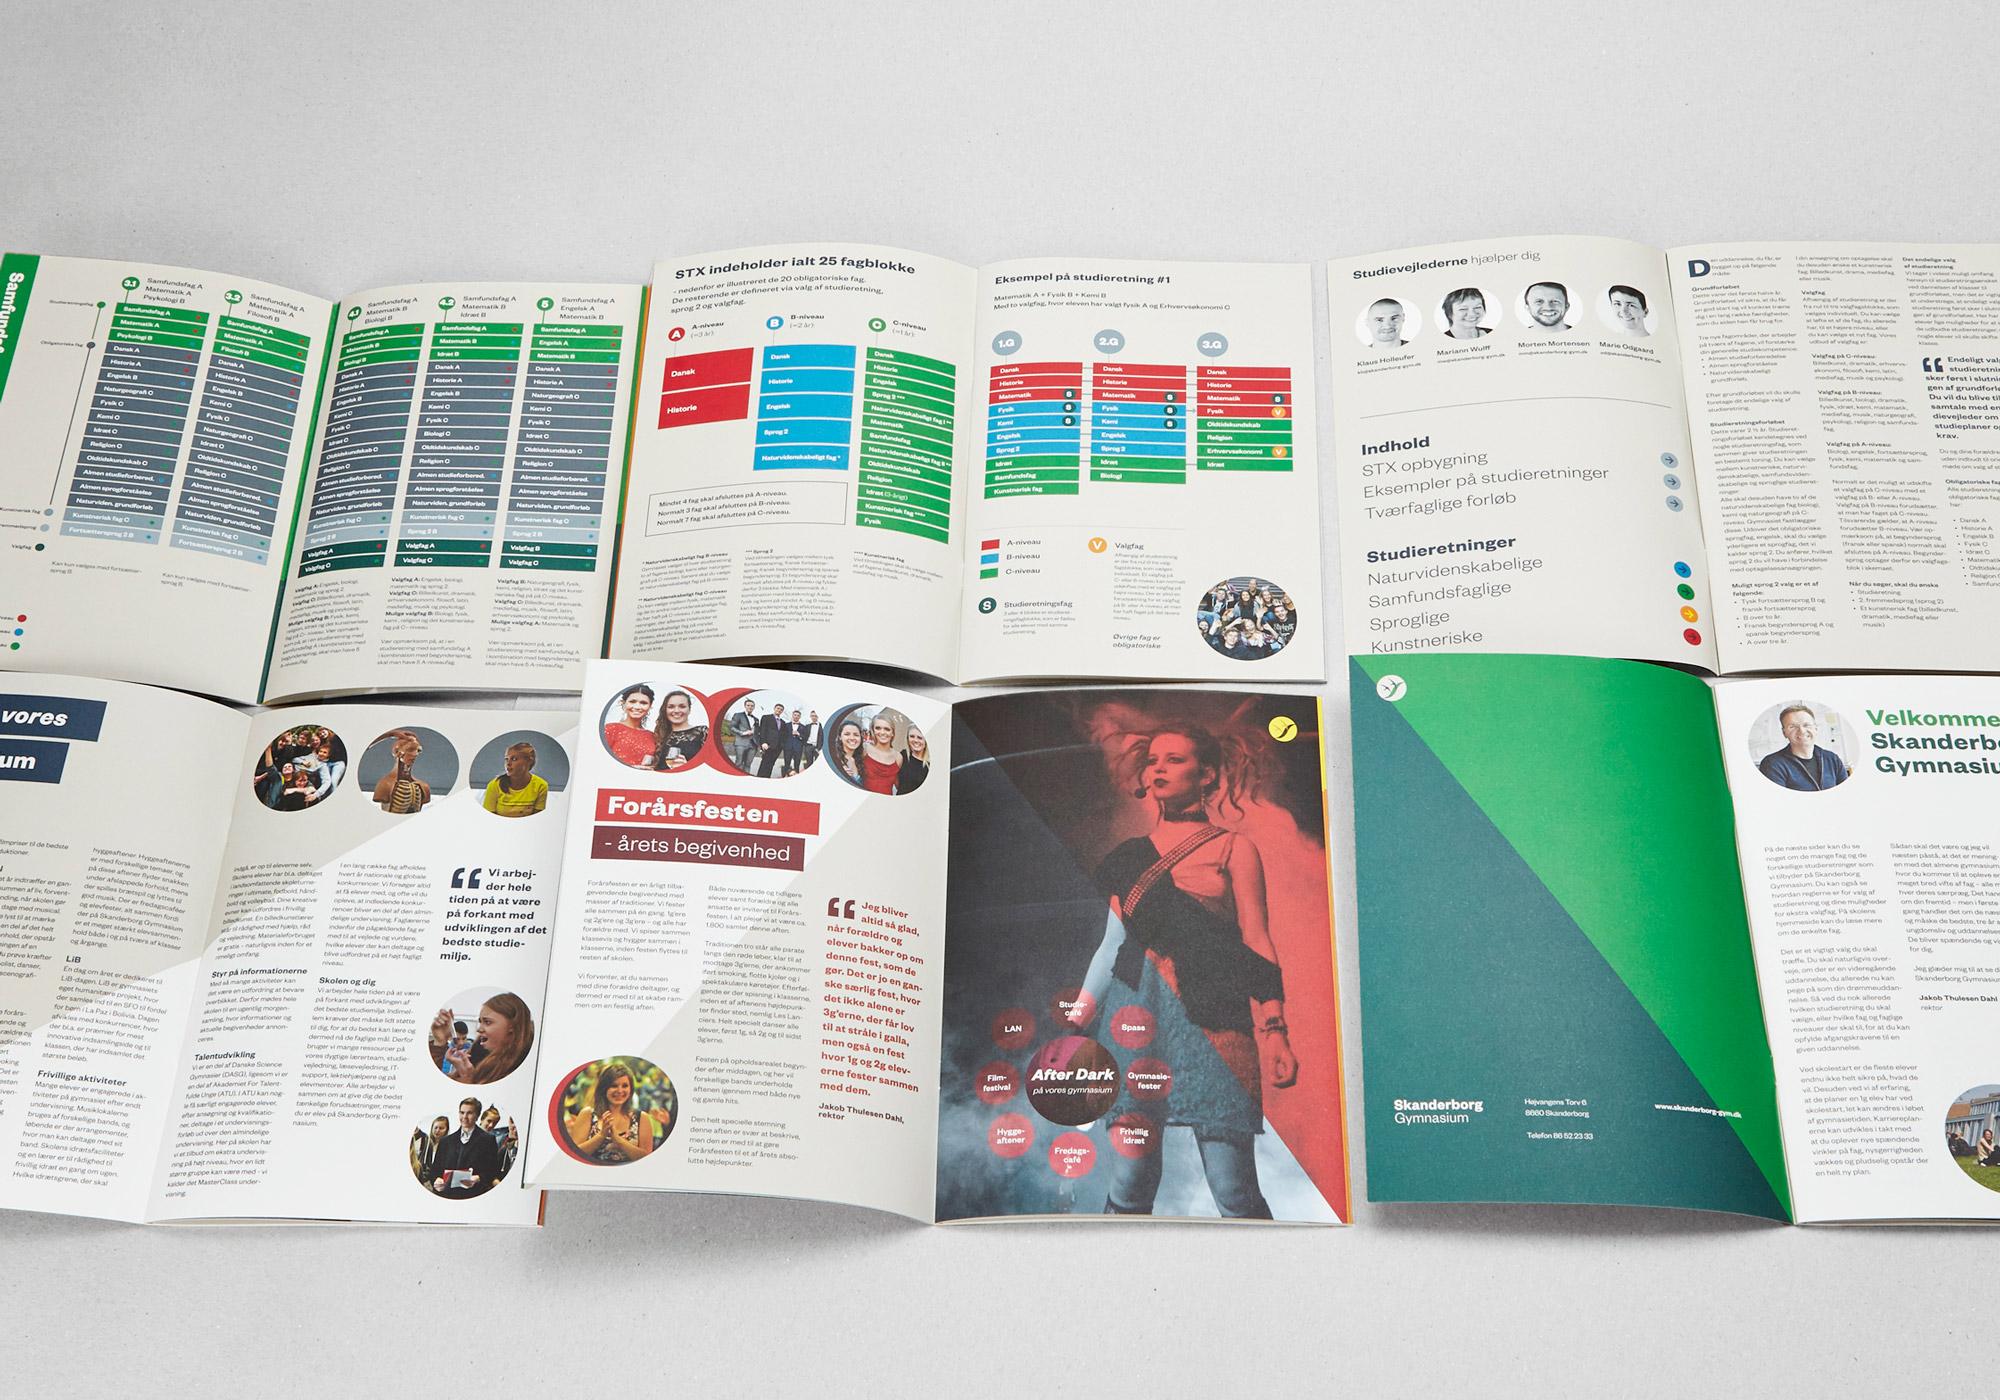 SKNBRG-publication.jpg